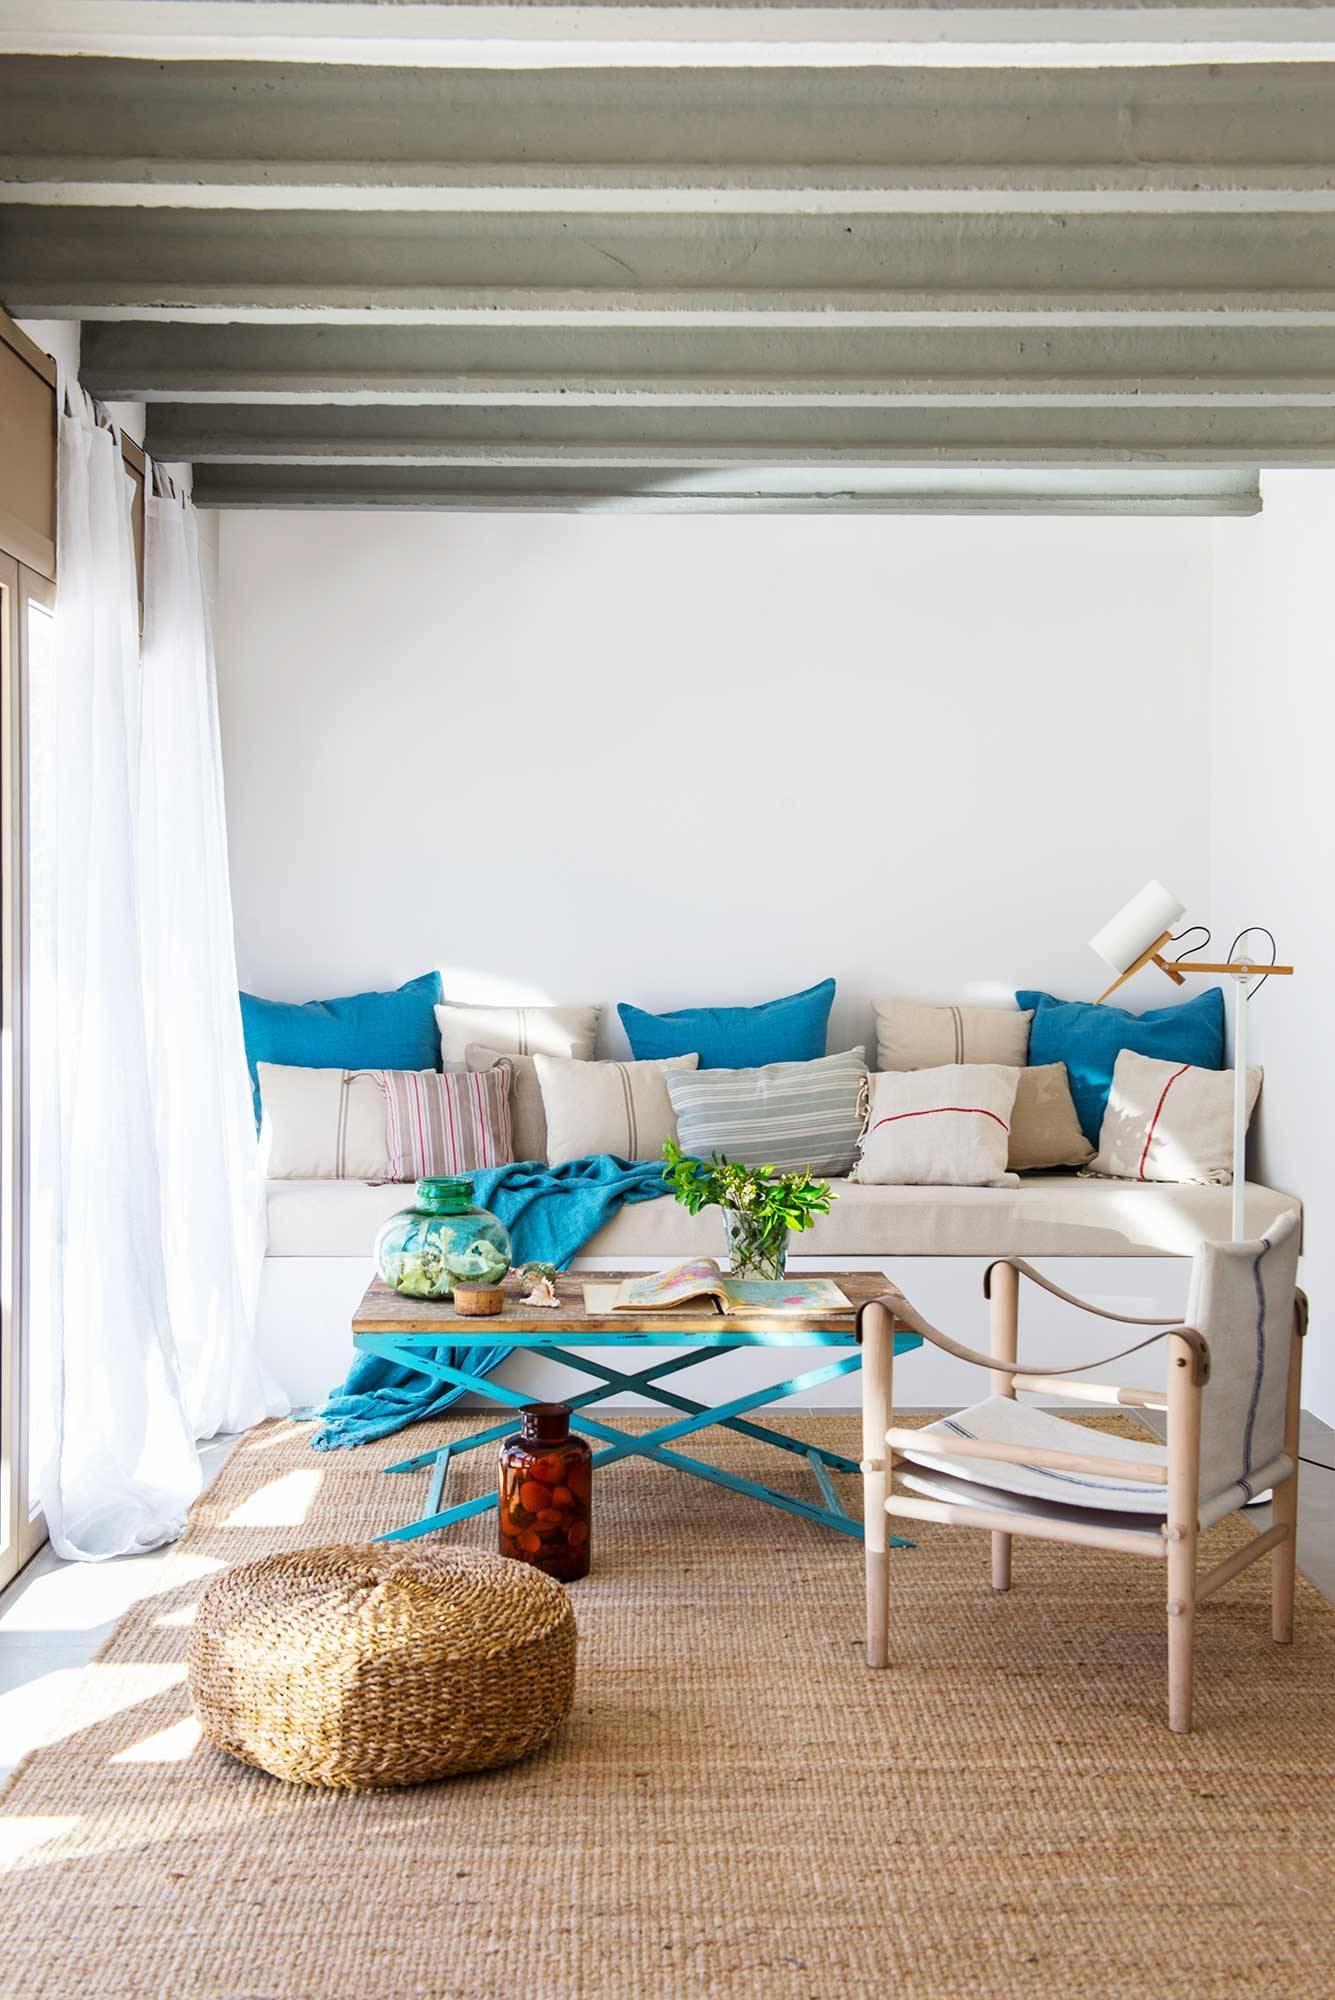 00503972 O. Un salón de verano con un banco a modo de sofá